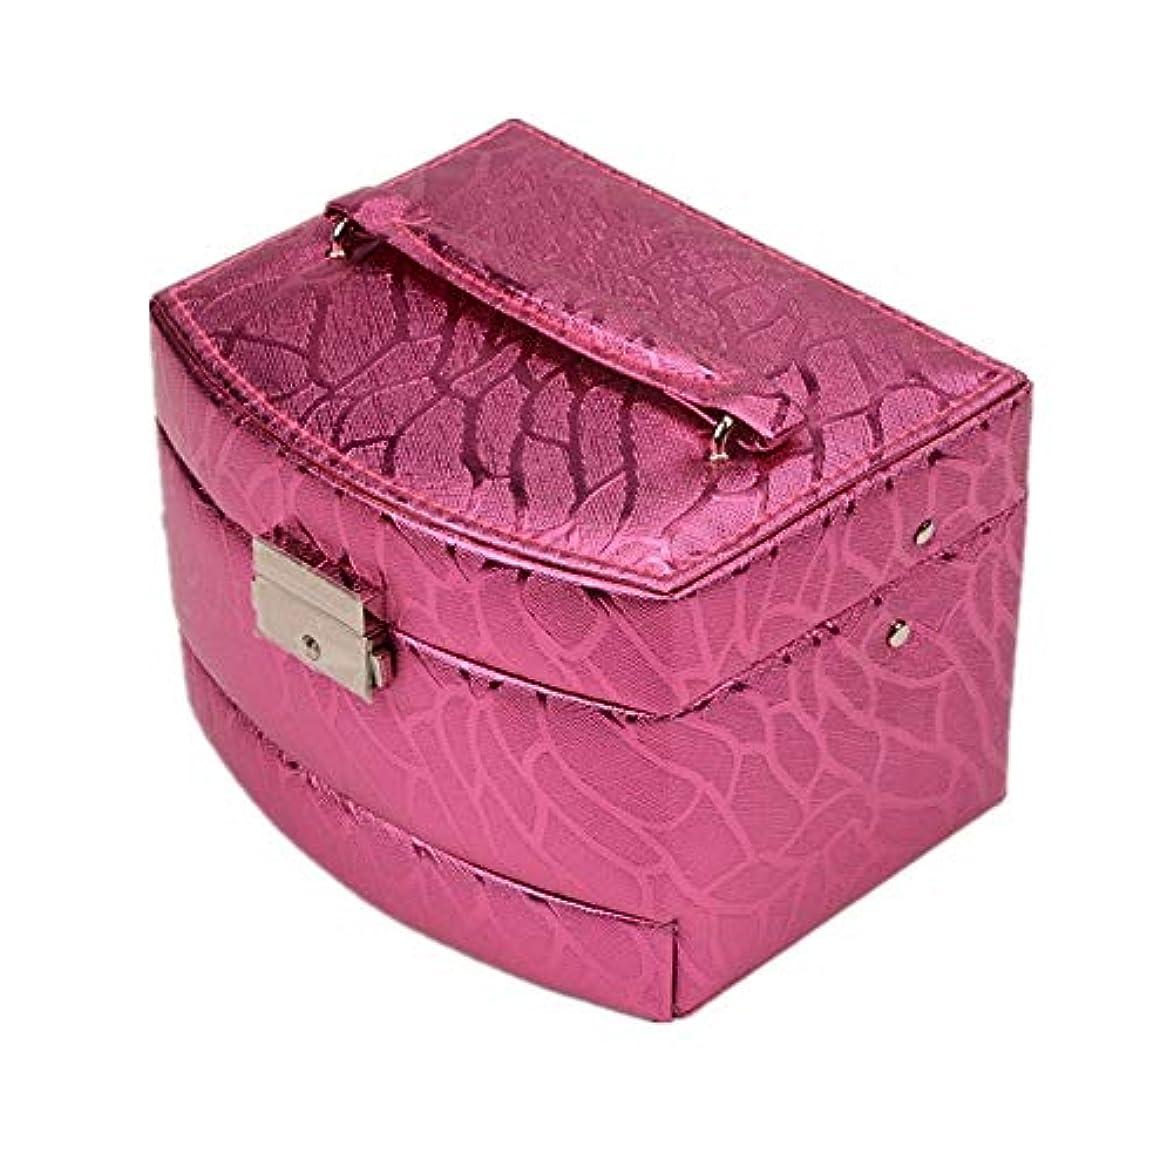 季節白菜パケット化粧オーガナイザーバッグ 光沢のあるポータブル多層化粧品美容メイクアップ化粧ケースロックと化粧品ミラー 化粧品ケース